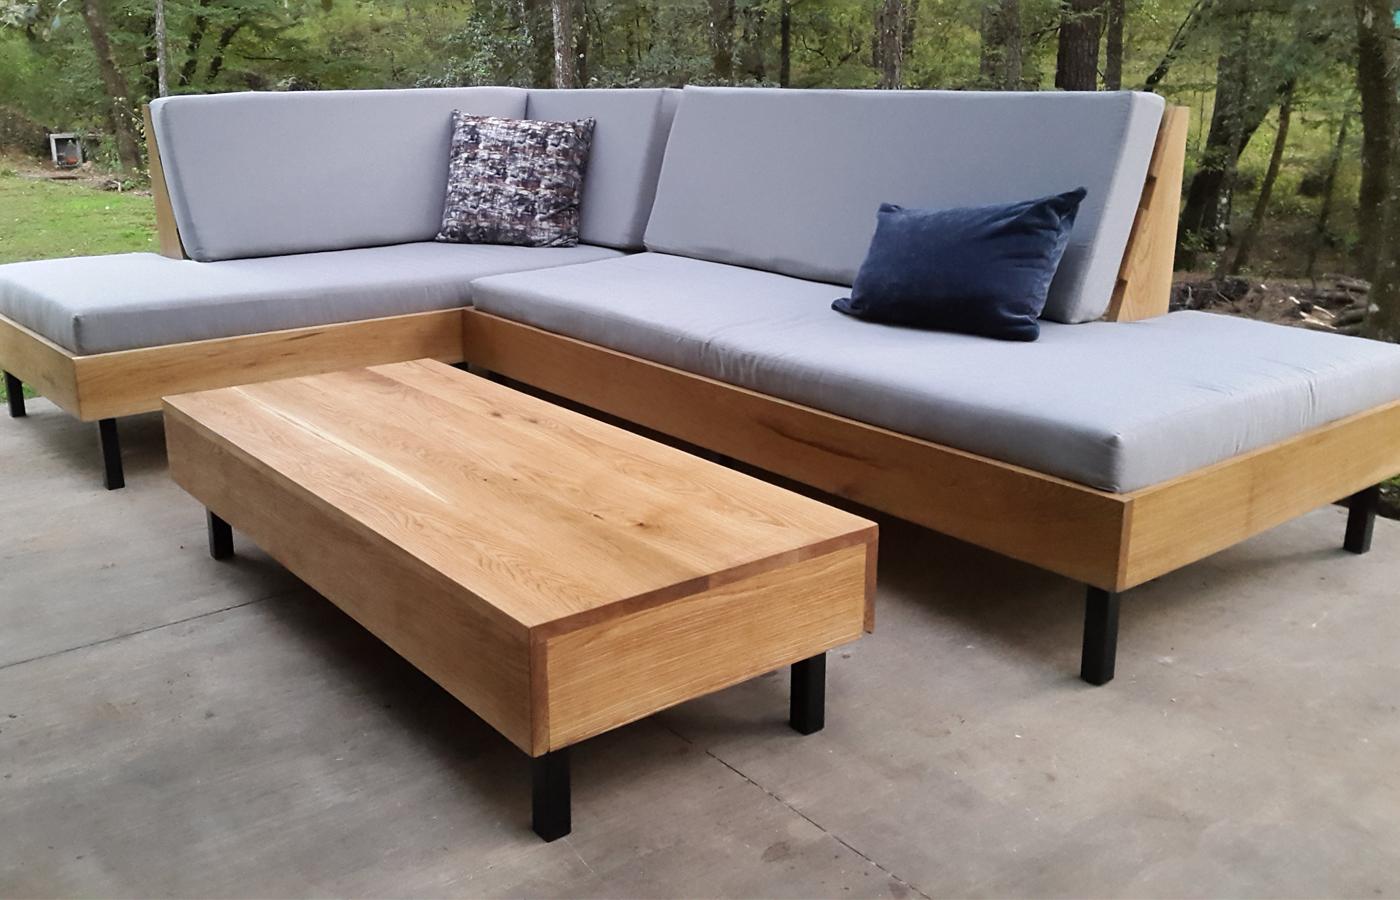 Muebles de exterior de madera parota finos y artesanales - Muebles exterior madera ...